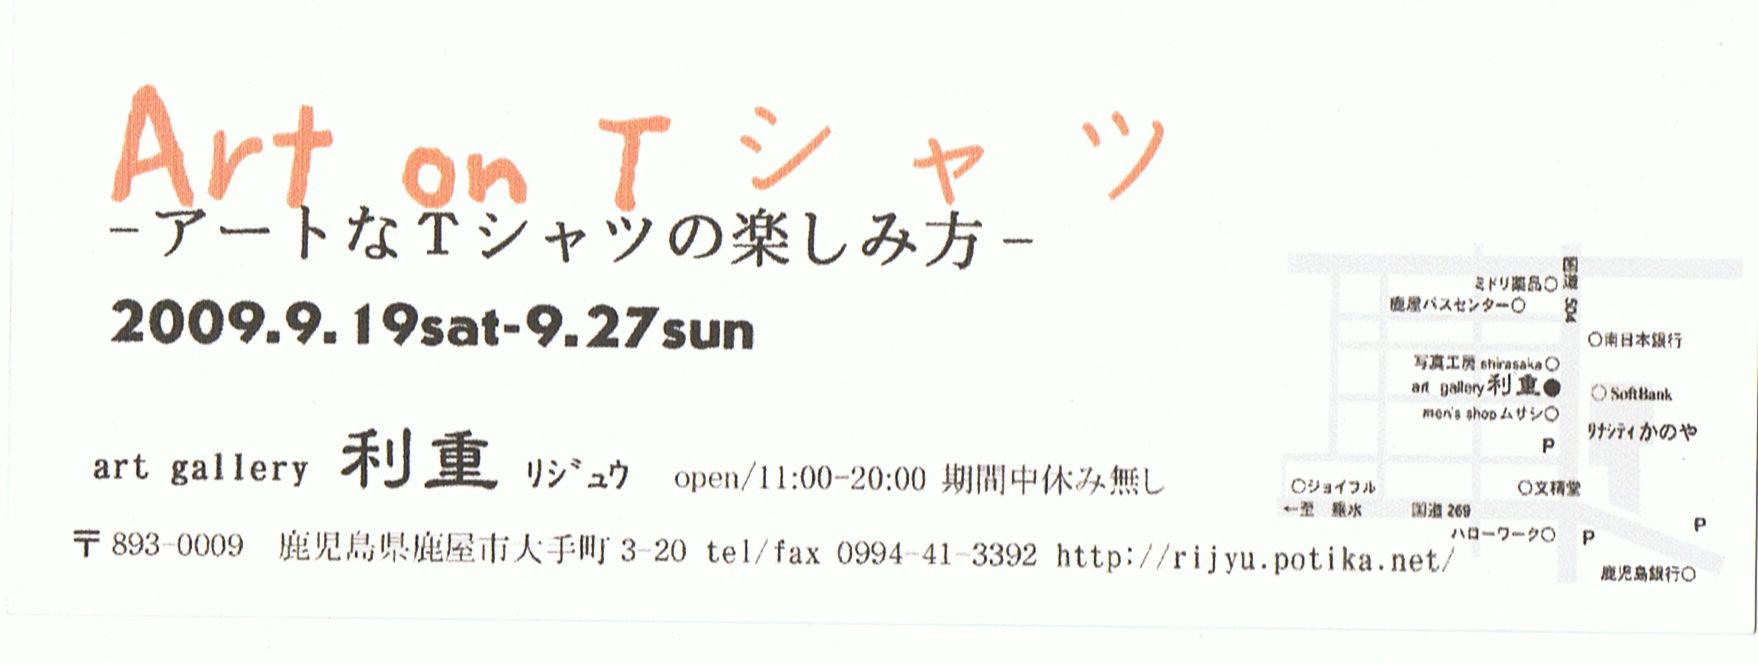 2009083014214418764.jpg